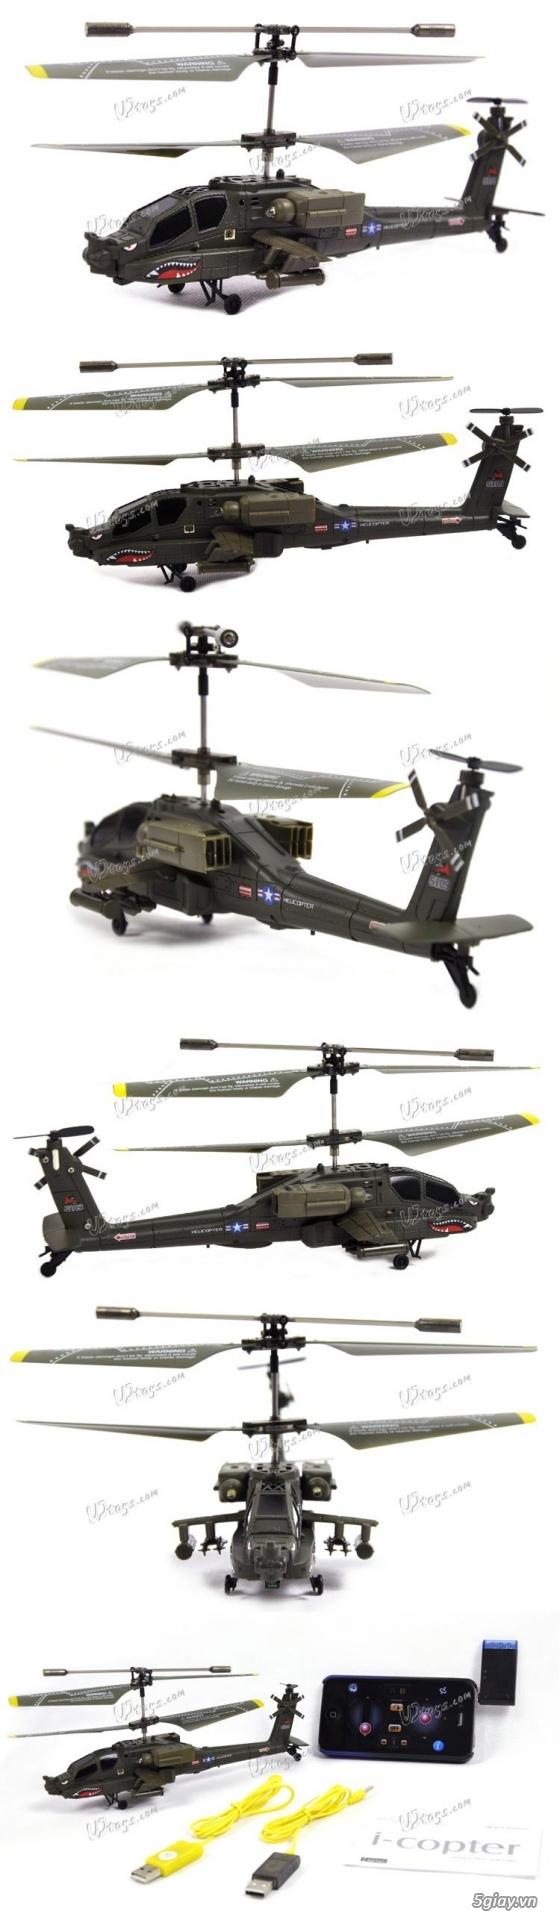 Bán đồ chơi điều khiển các kiểu . Xe -Máy bay - Quadcopter - 5